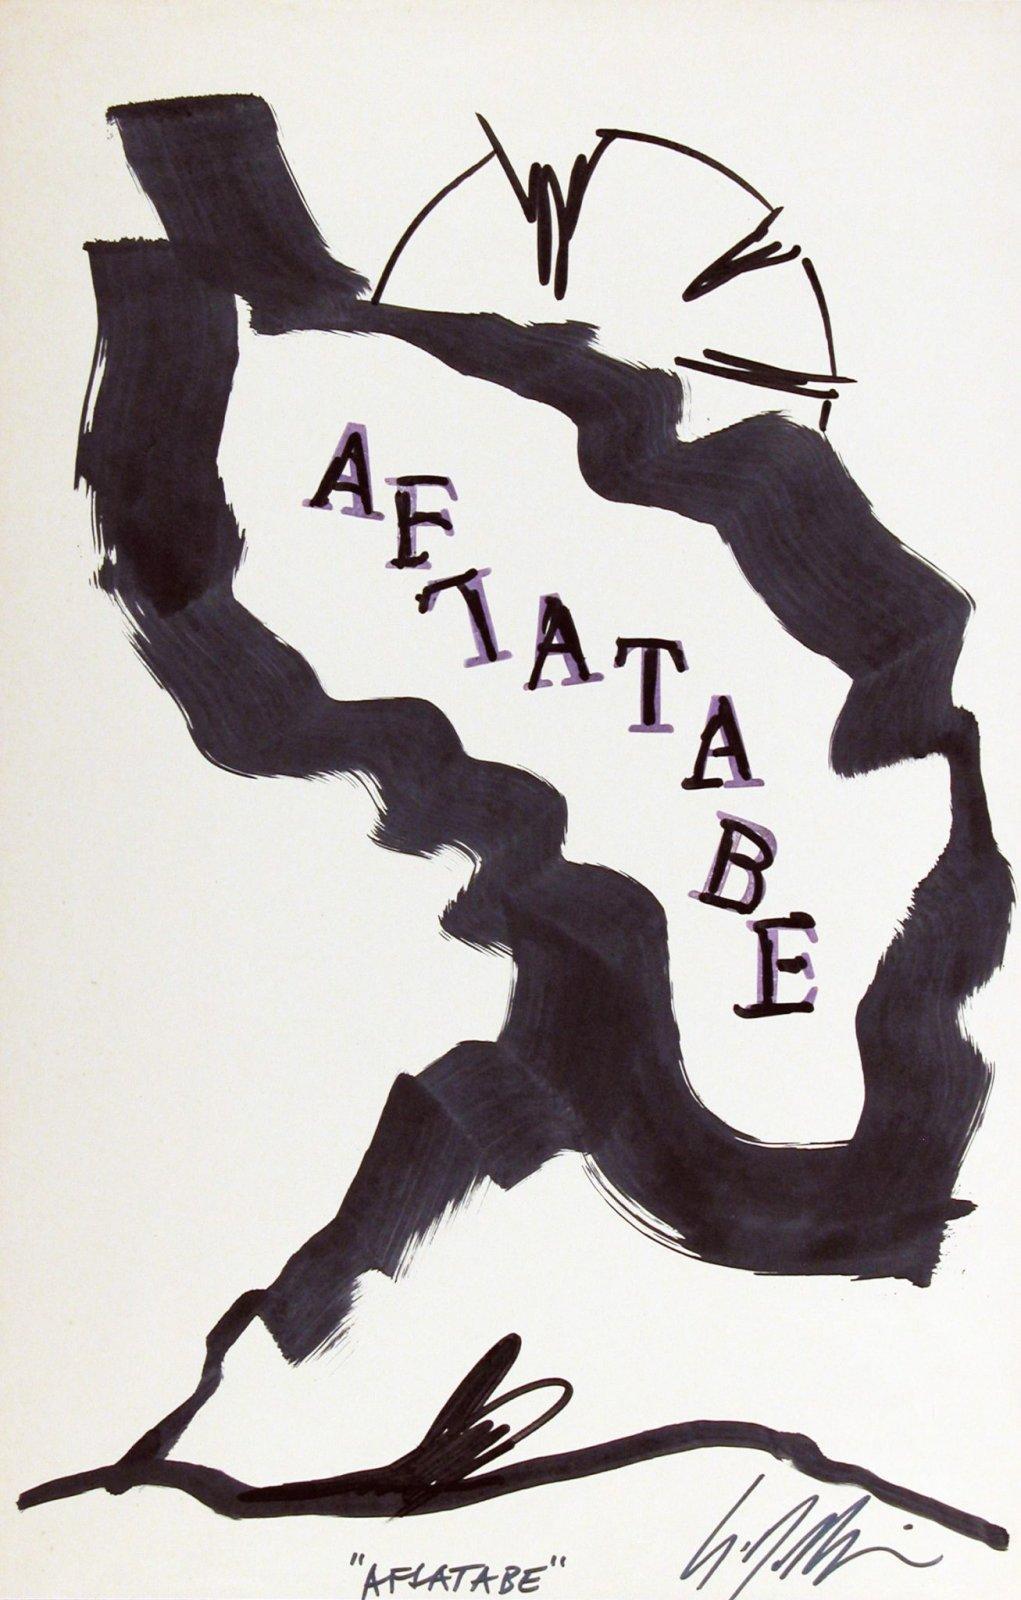 Sergio Dangelo, Aflatabe, s.d. [1983-84], inchiostro e timbri su carta, 400 x 260 mm, Collezione Galleria Civica di Modena